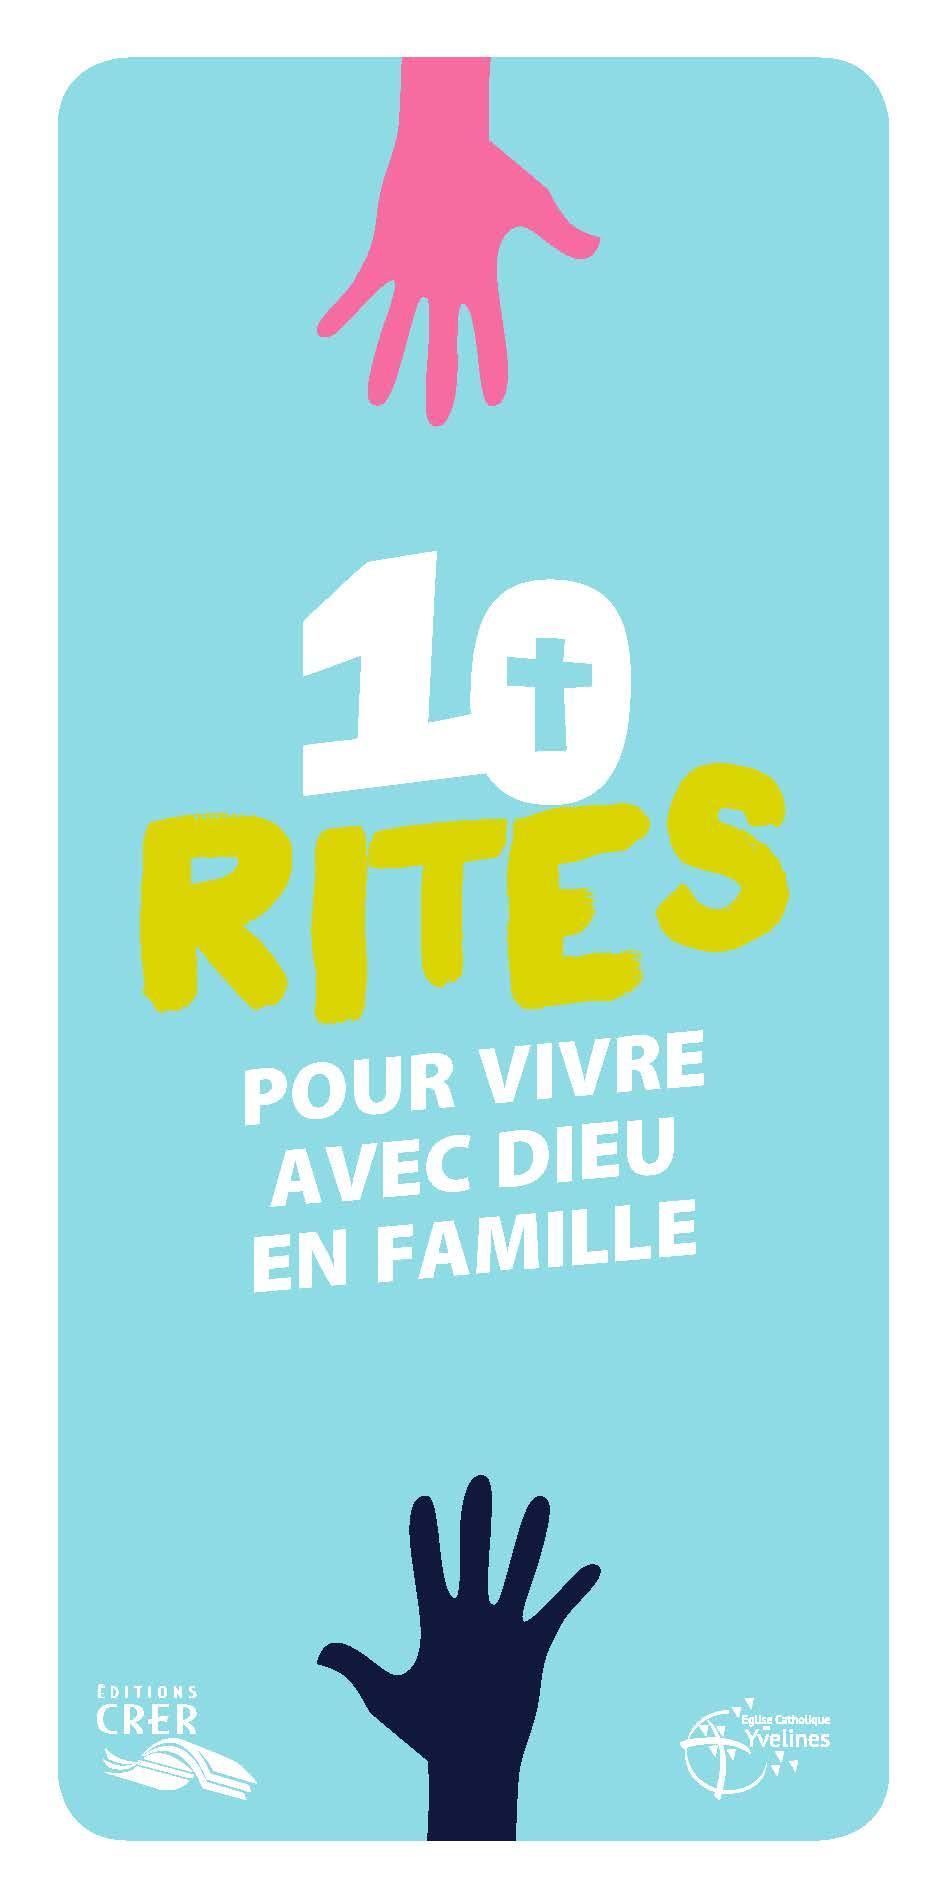 10-rites-pour-vivre-en-famille-avec-dieu